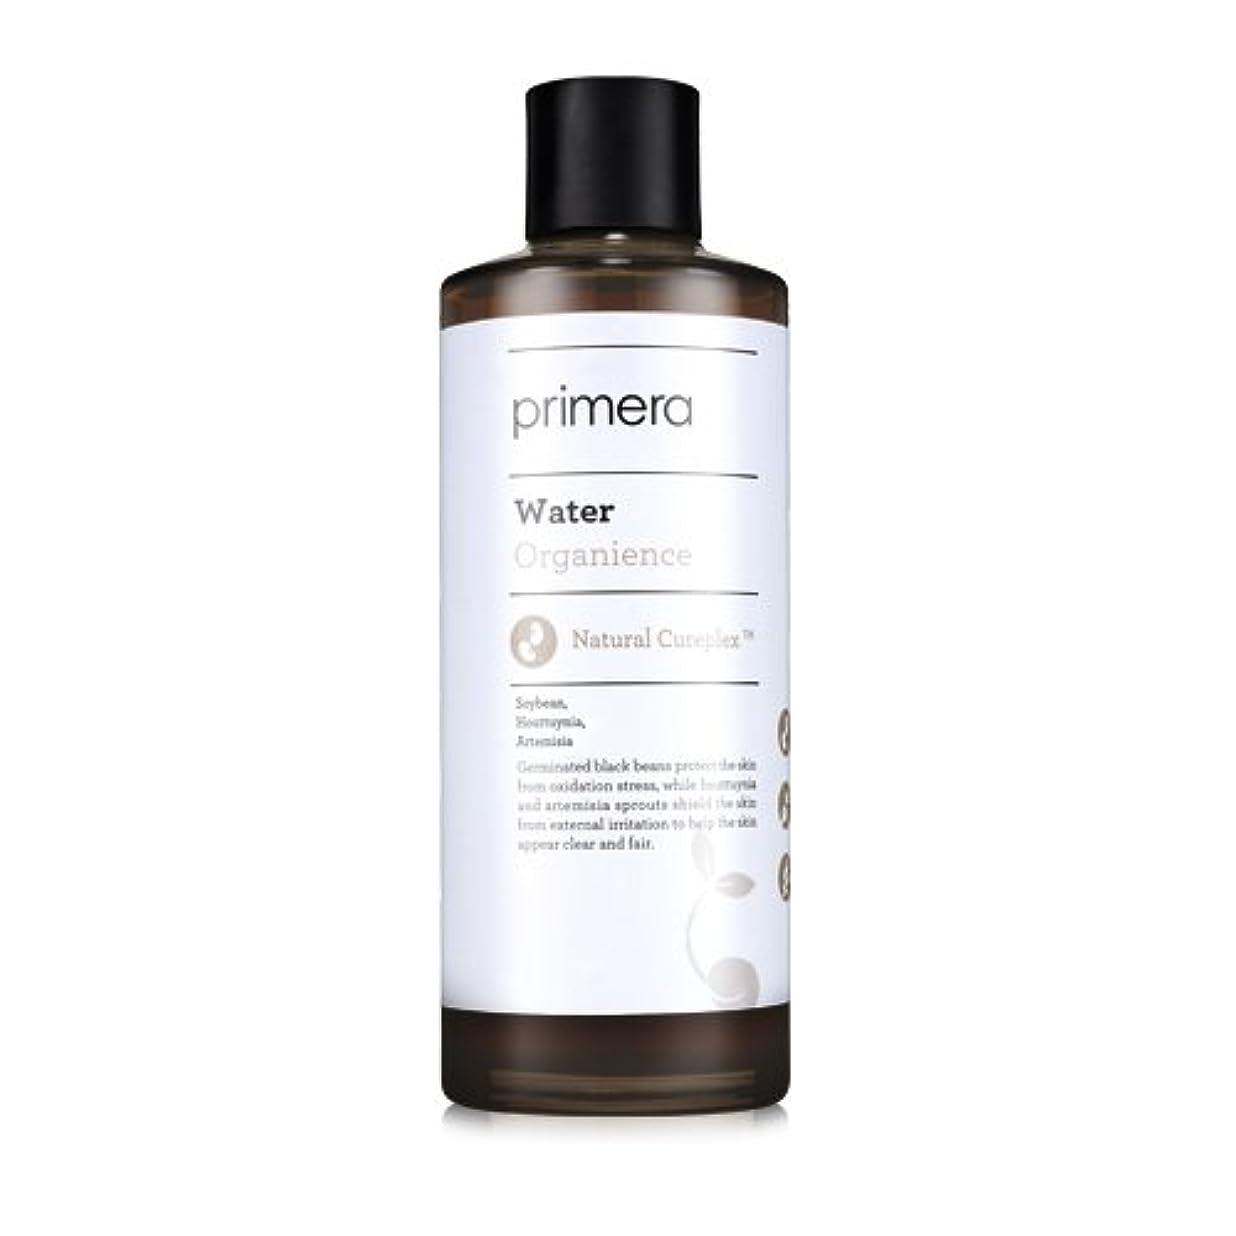 棚おじいちゃん終了するPRIMERA プリメラ オーガニエンス ウォーター(Organience Water)化粧水 180ml